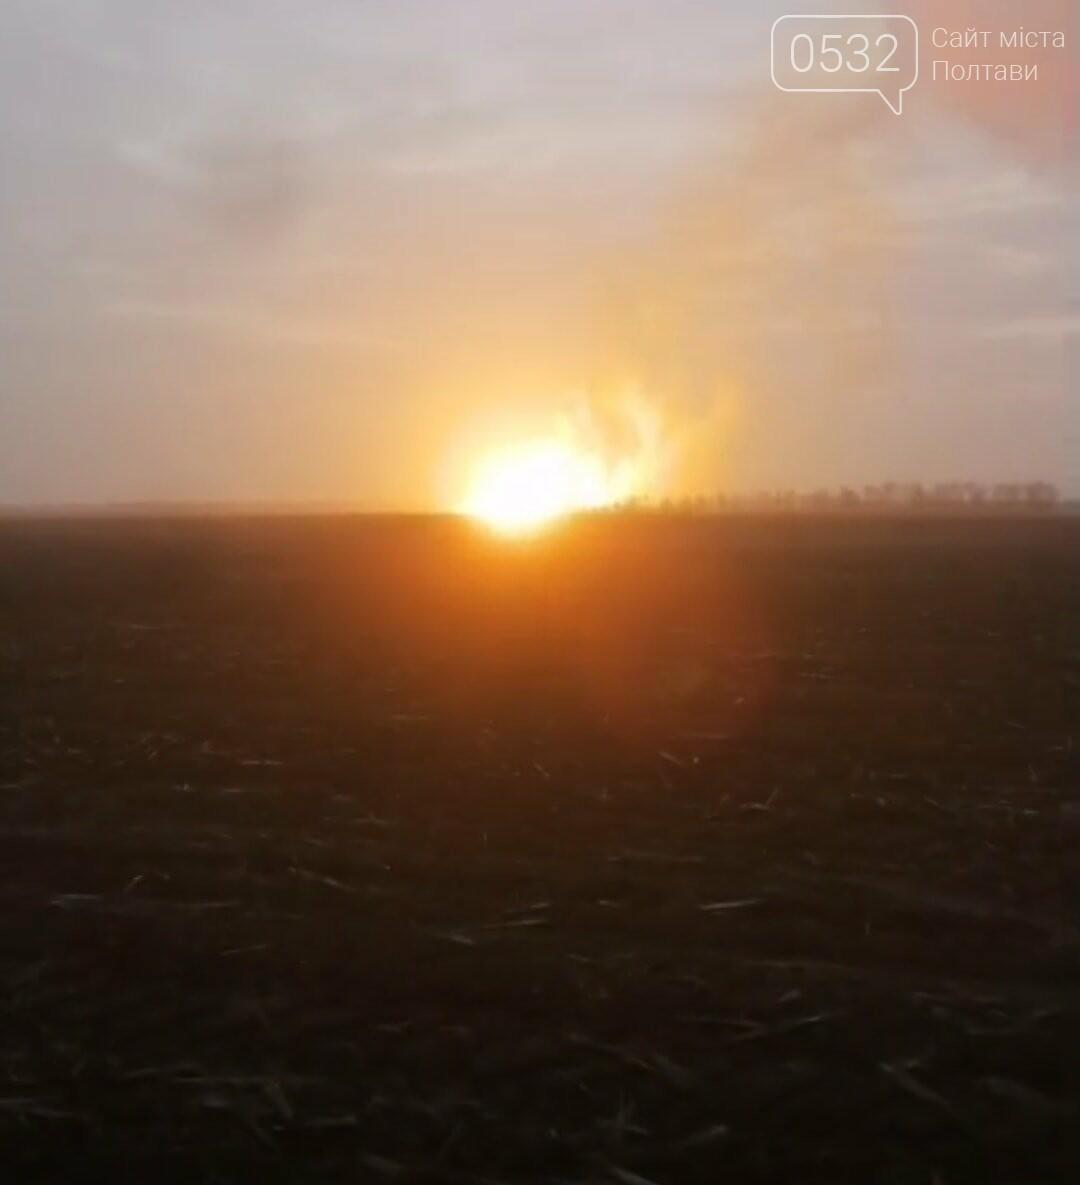 Під Лубнами на Полтавщині масштабна пожежа – попередньо, вибухнув магістральний газопровід (ВІДЕО), фото-2